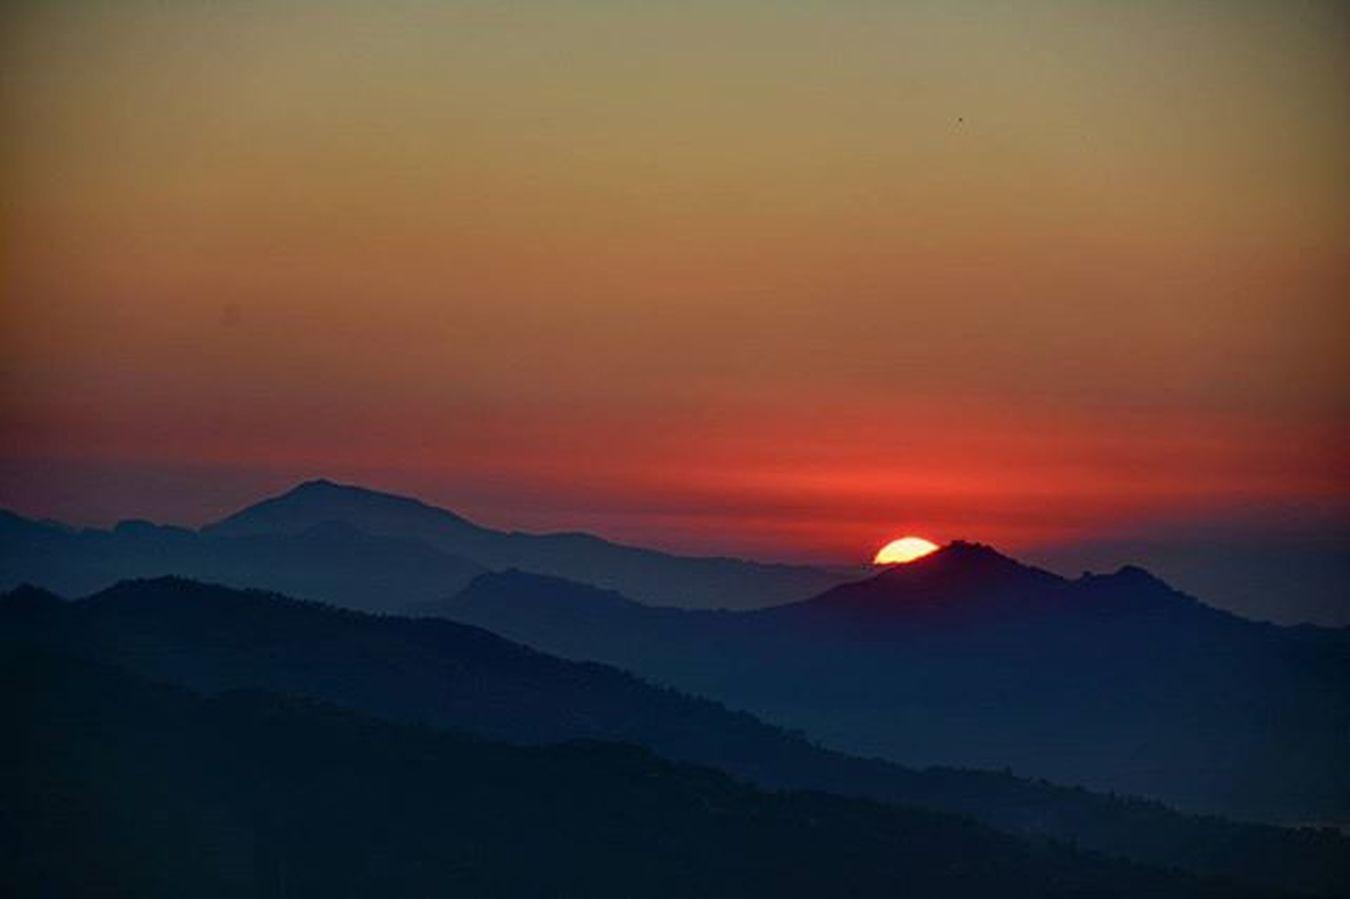 Sunrise as seen from sarangkot, pokhara, nepal. Sunrise Pokhara Dktm Nepal8thwonder Youseemeyouareshot